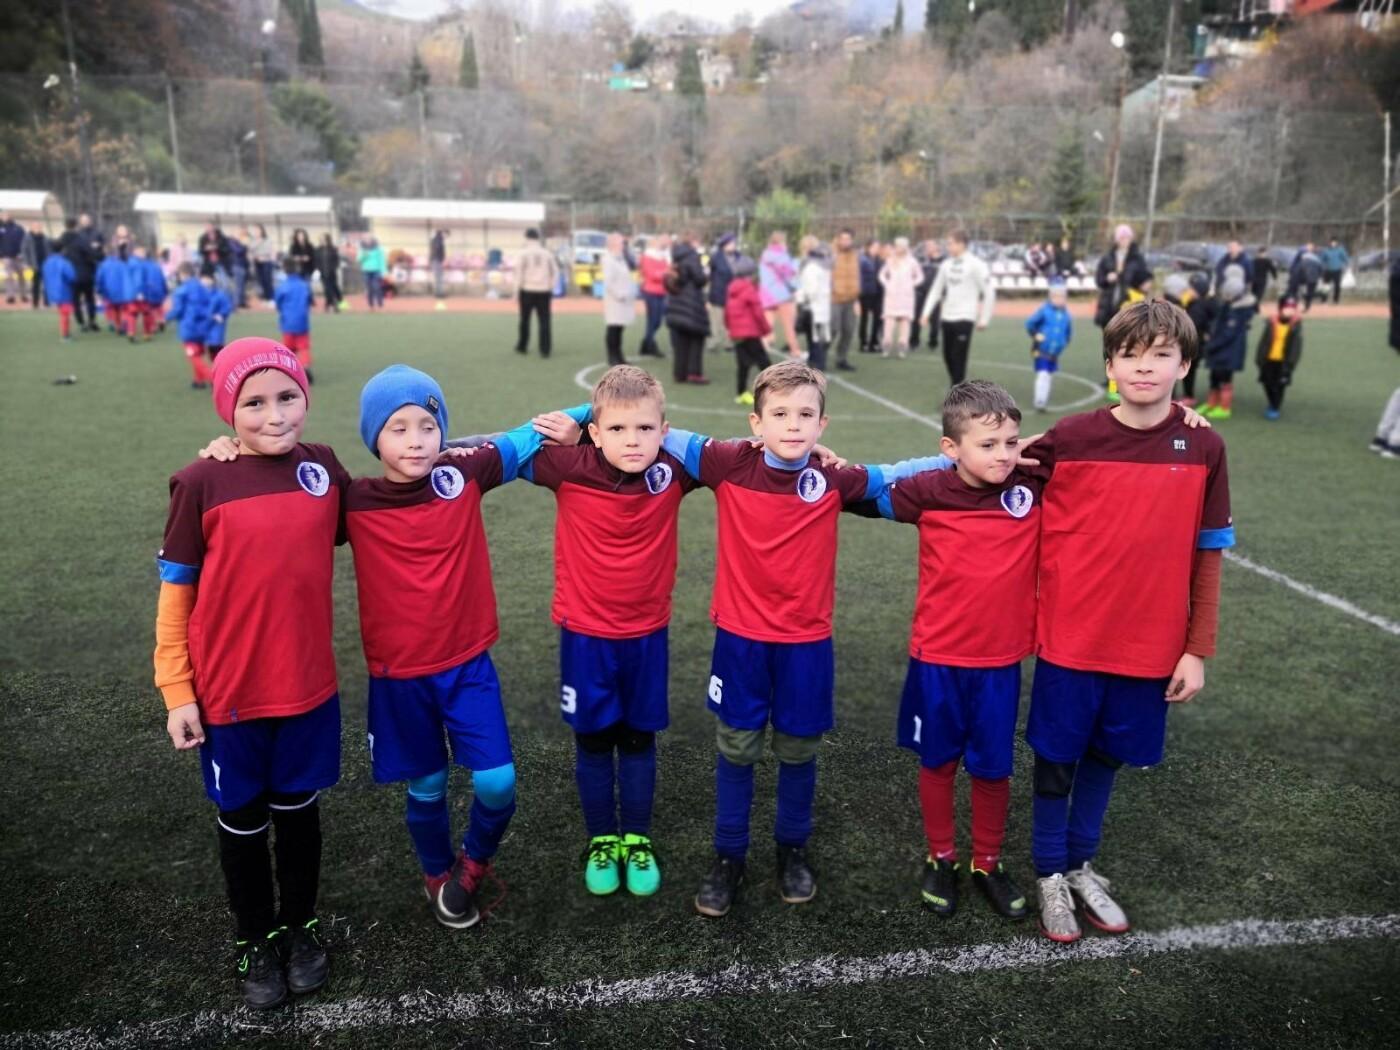 В Ялте воспитанники ГБУ РК «Спортивная школа № 6» отметили Всемирный день футбола турниром, фото-3